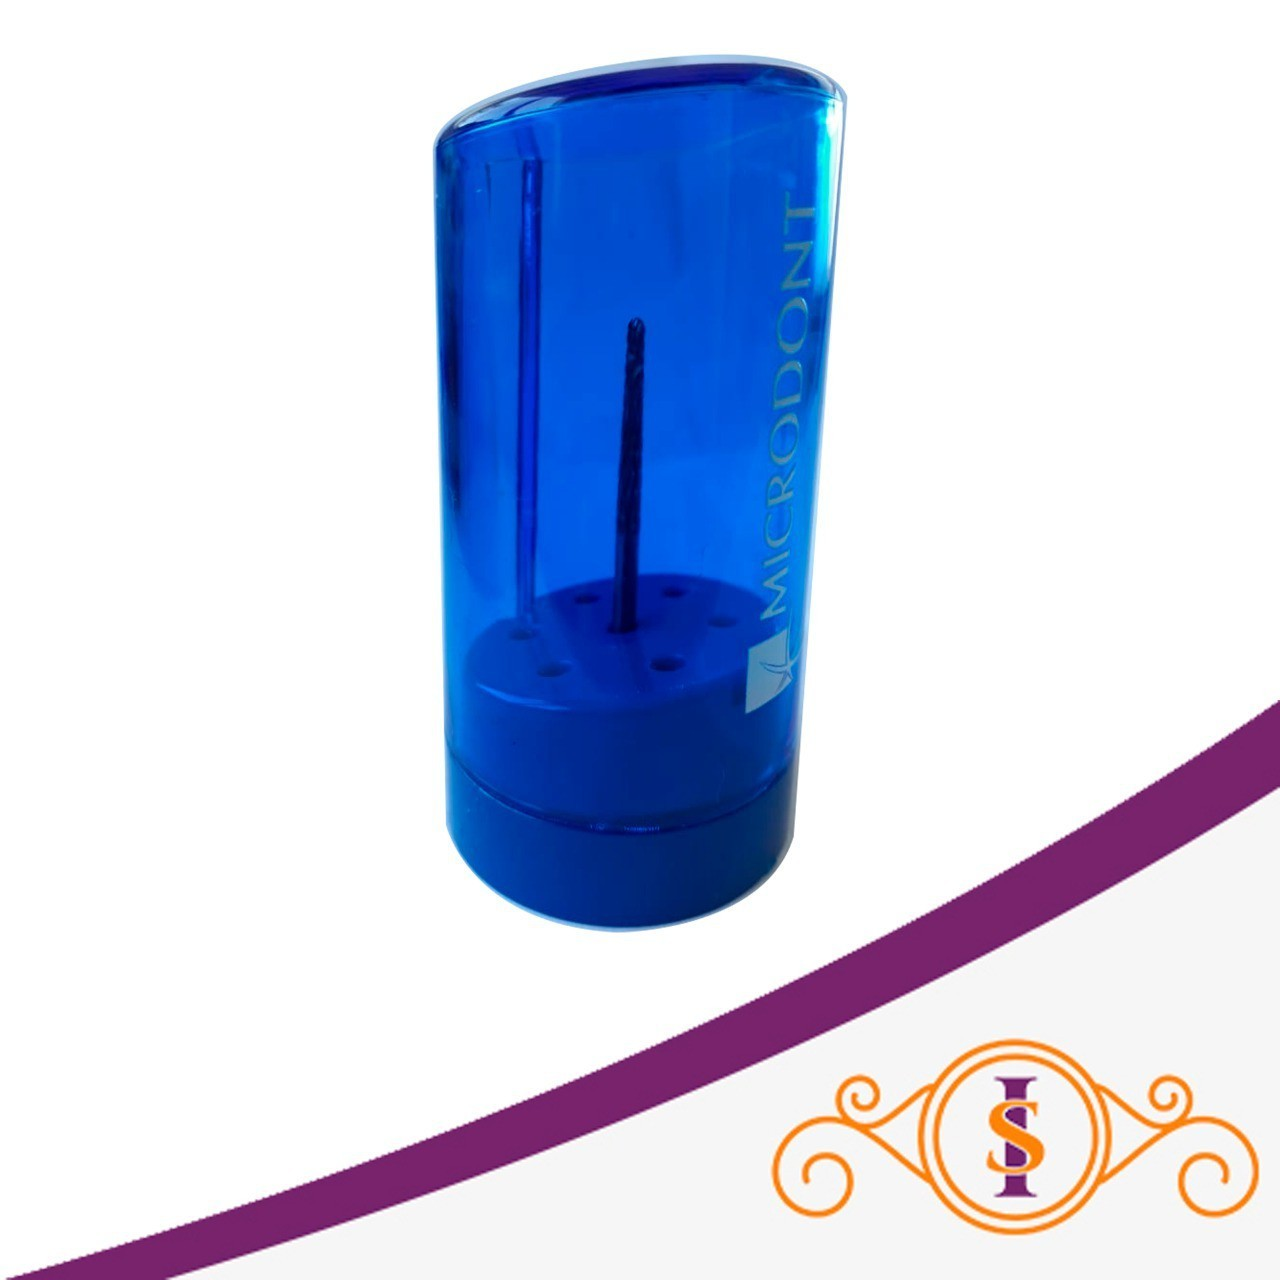 Broca de Tungstênio 23G023 - Acompanha Broqueiro - Microdont